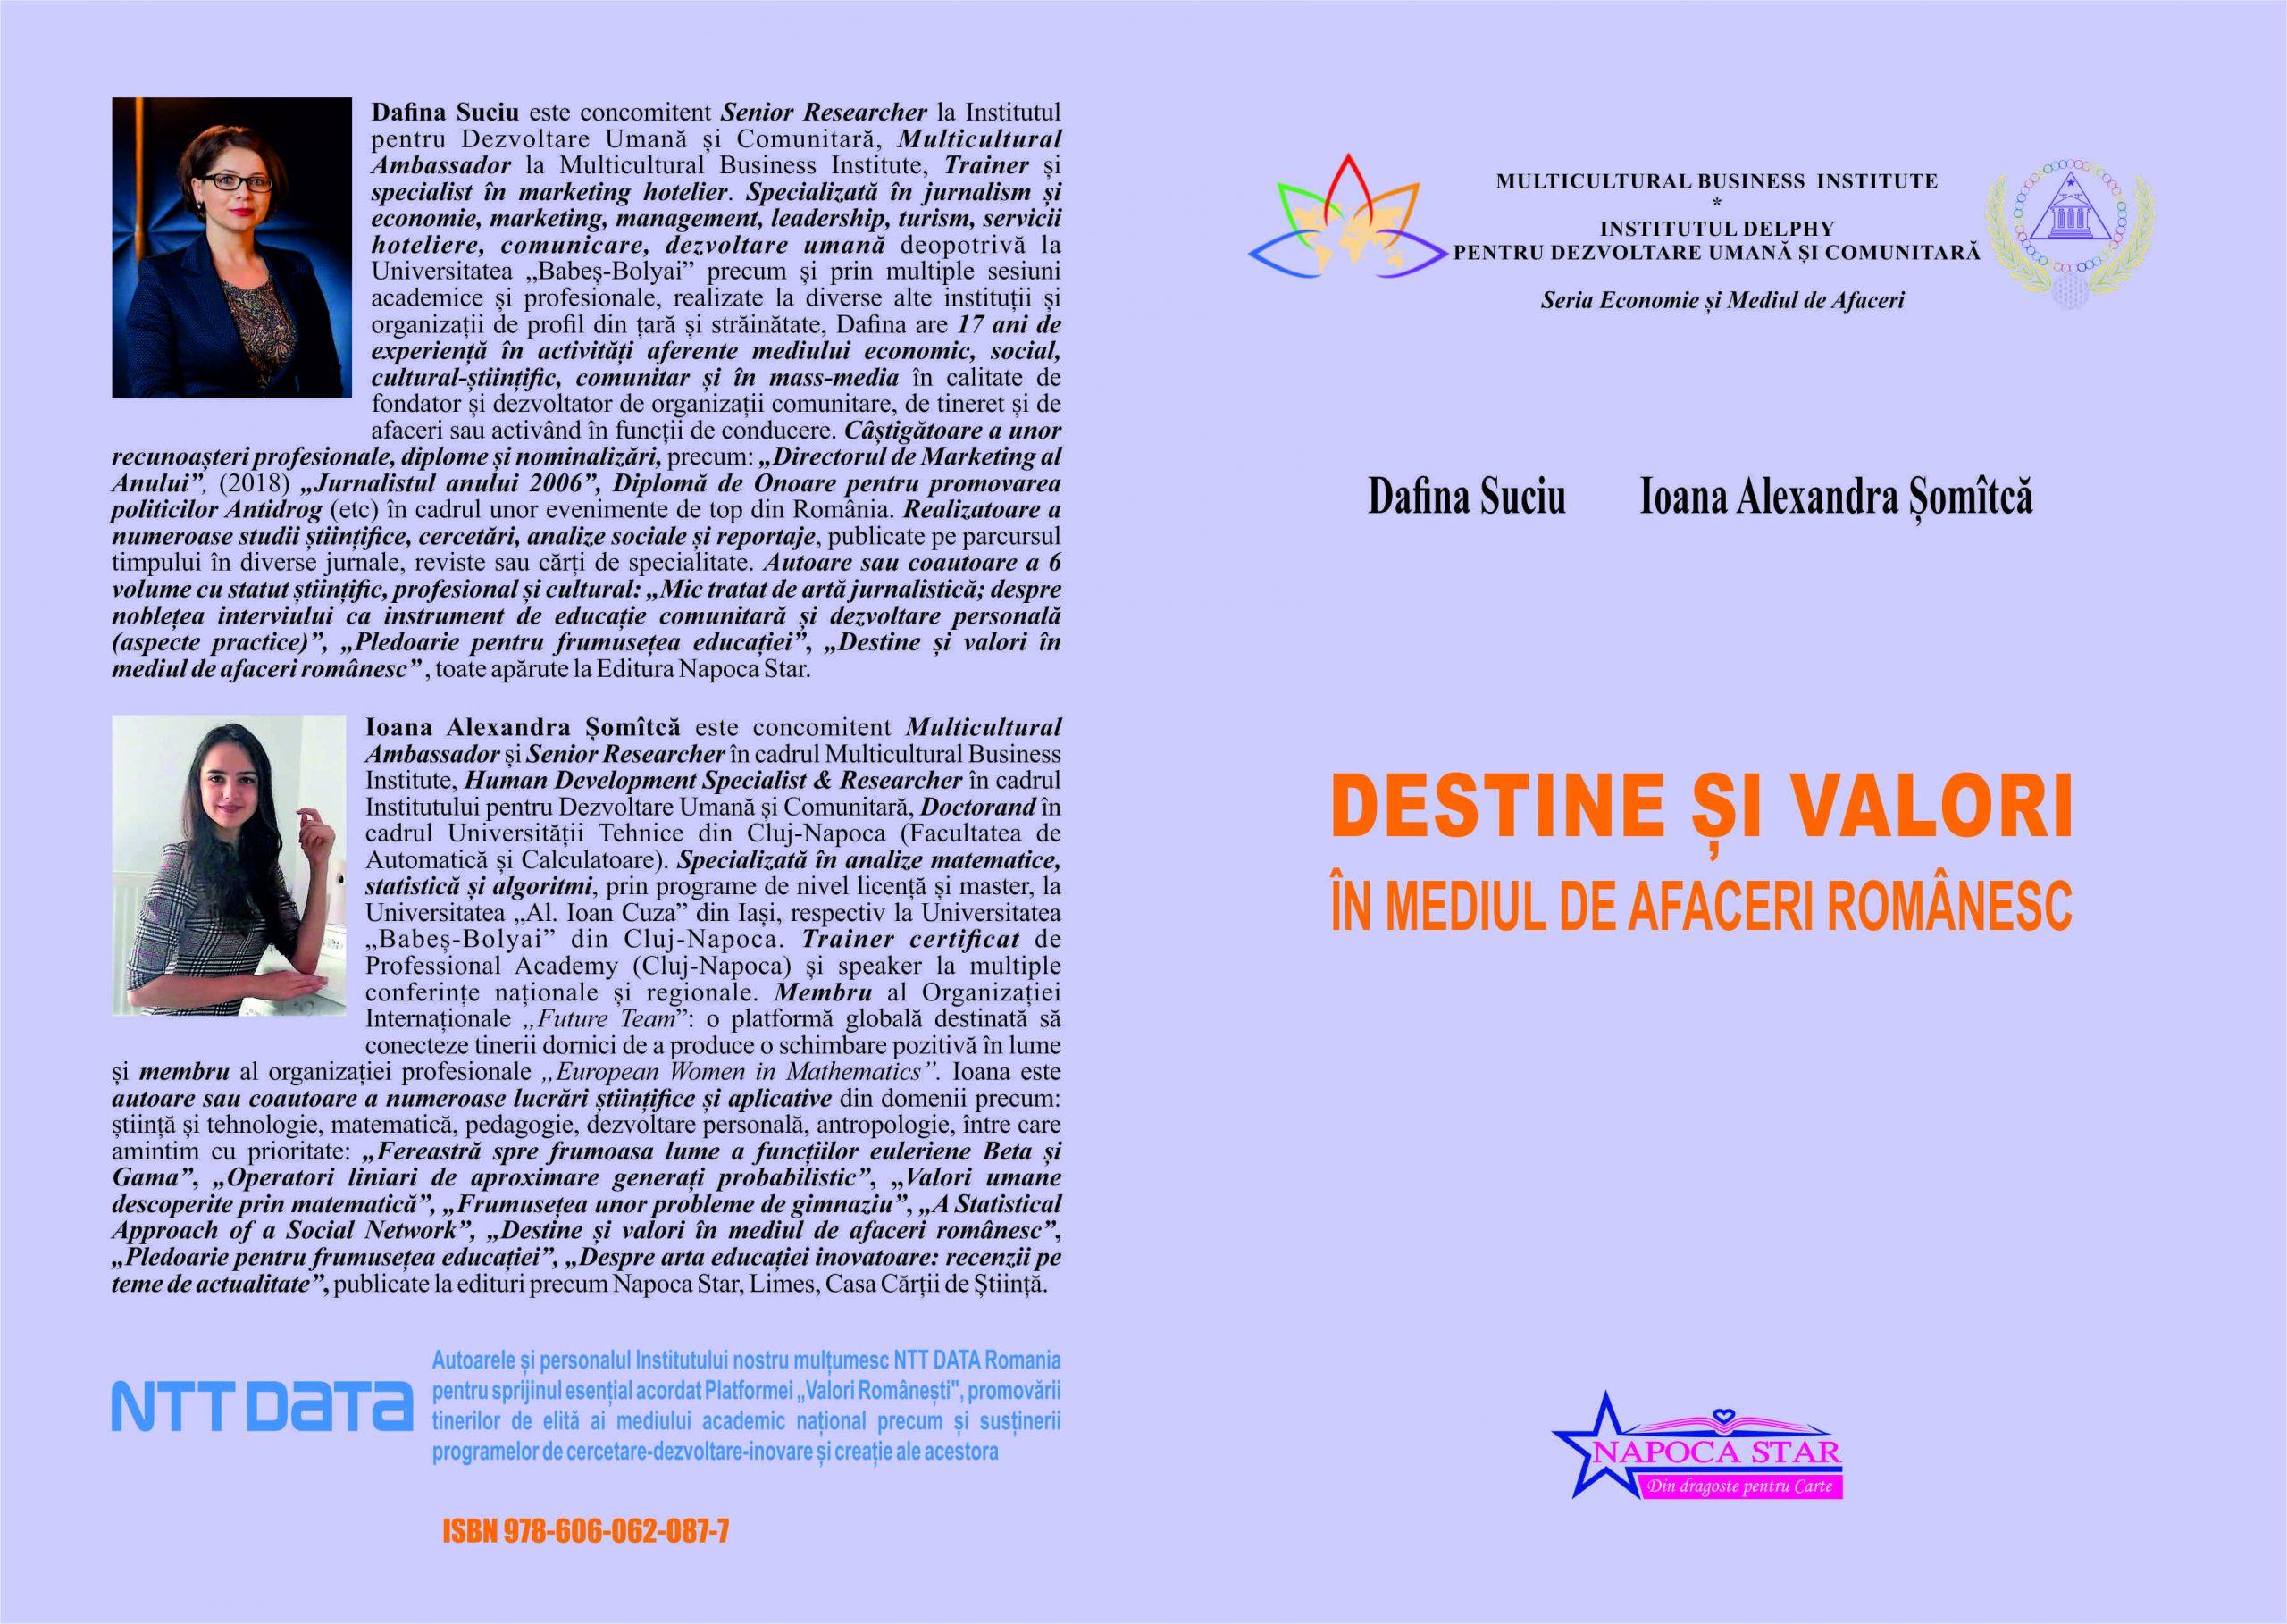 Destine si valori în mediul de afaceri - Dafina și Ioana